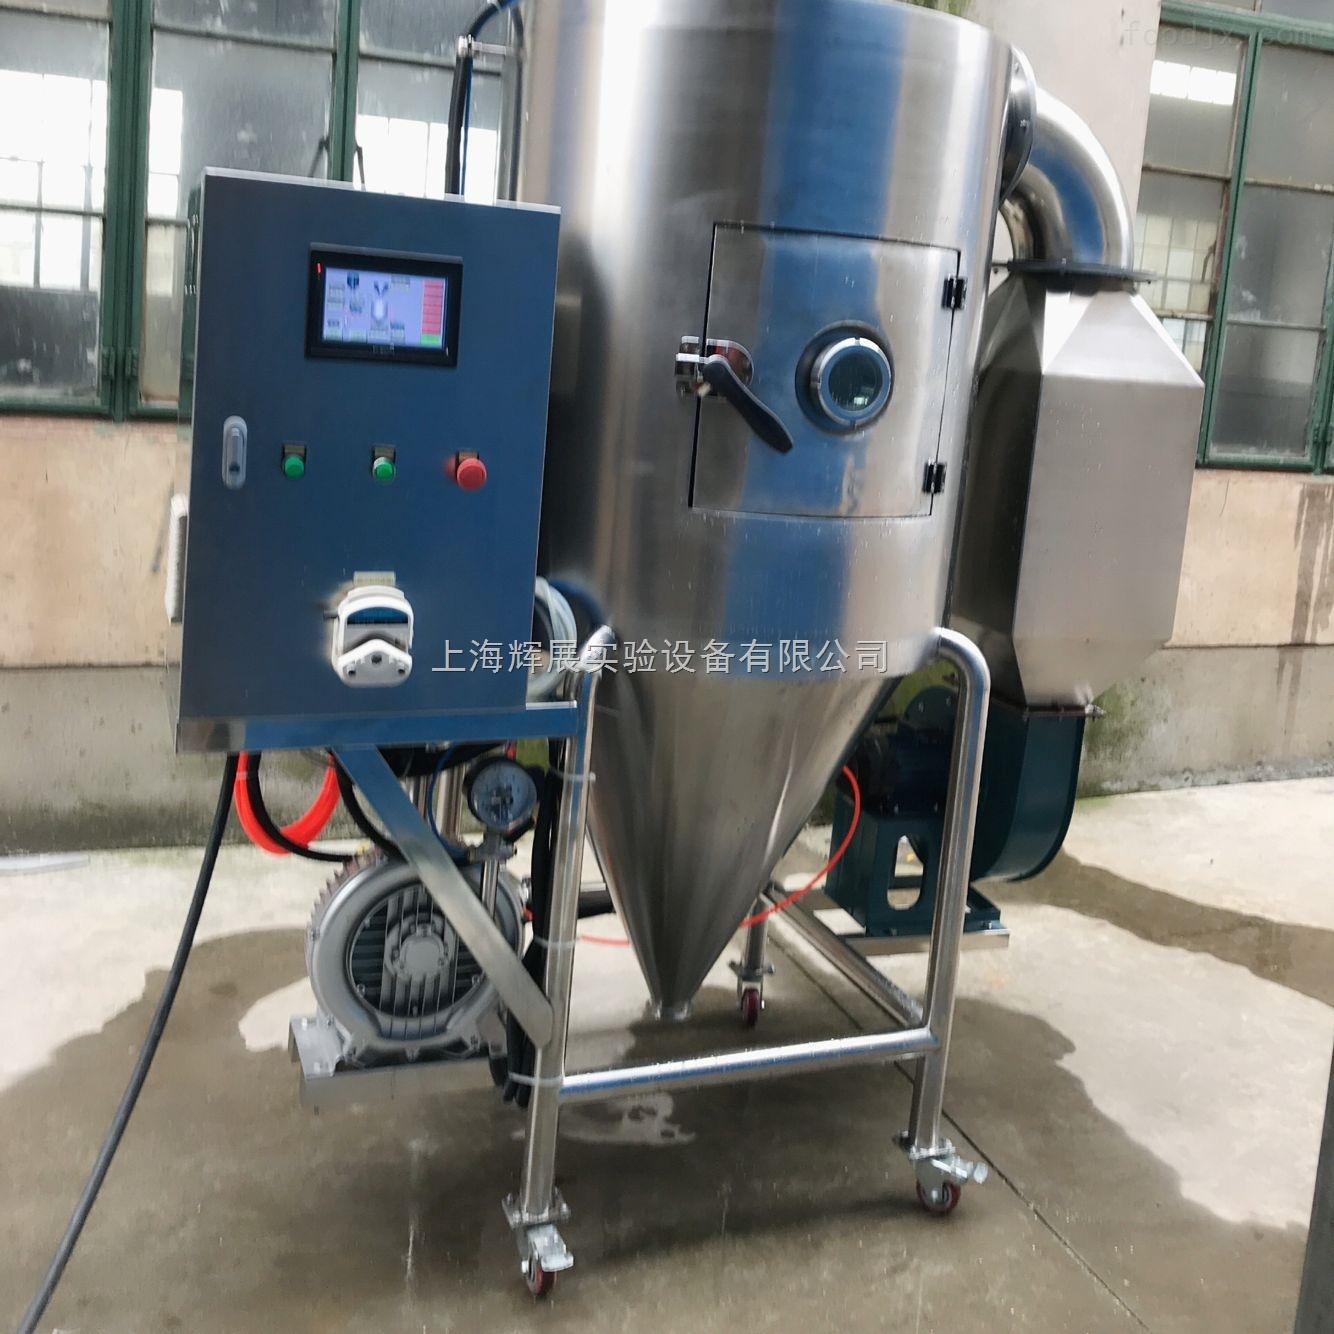 厂家热销中小型喷雾干燥机